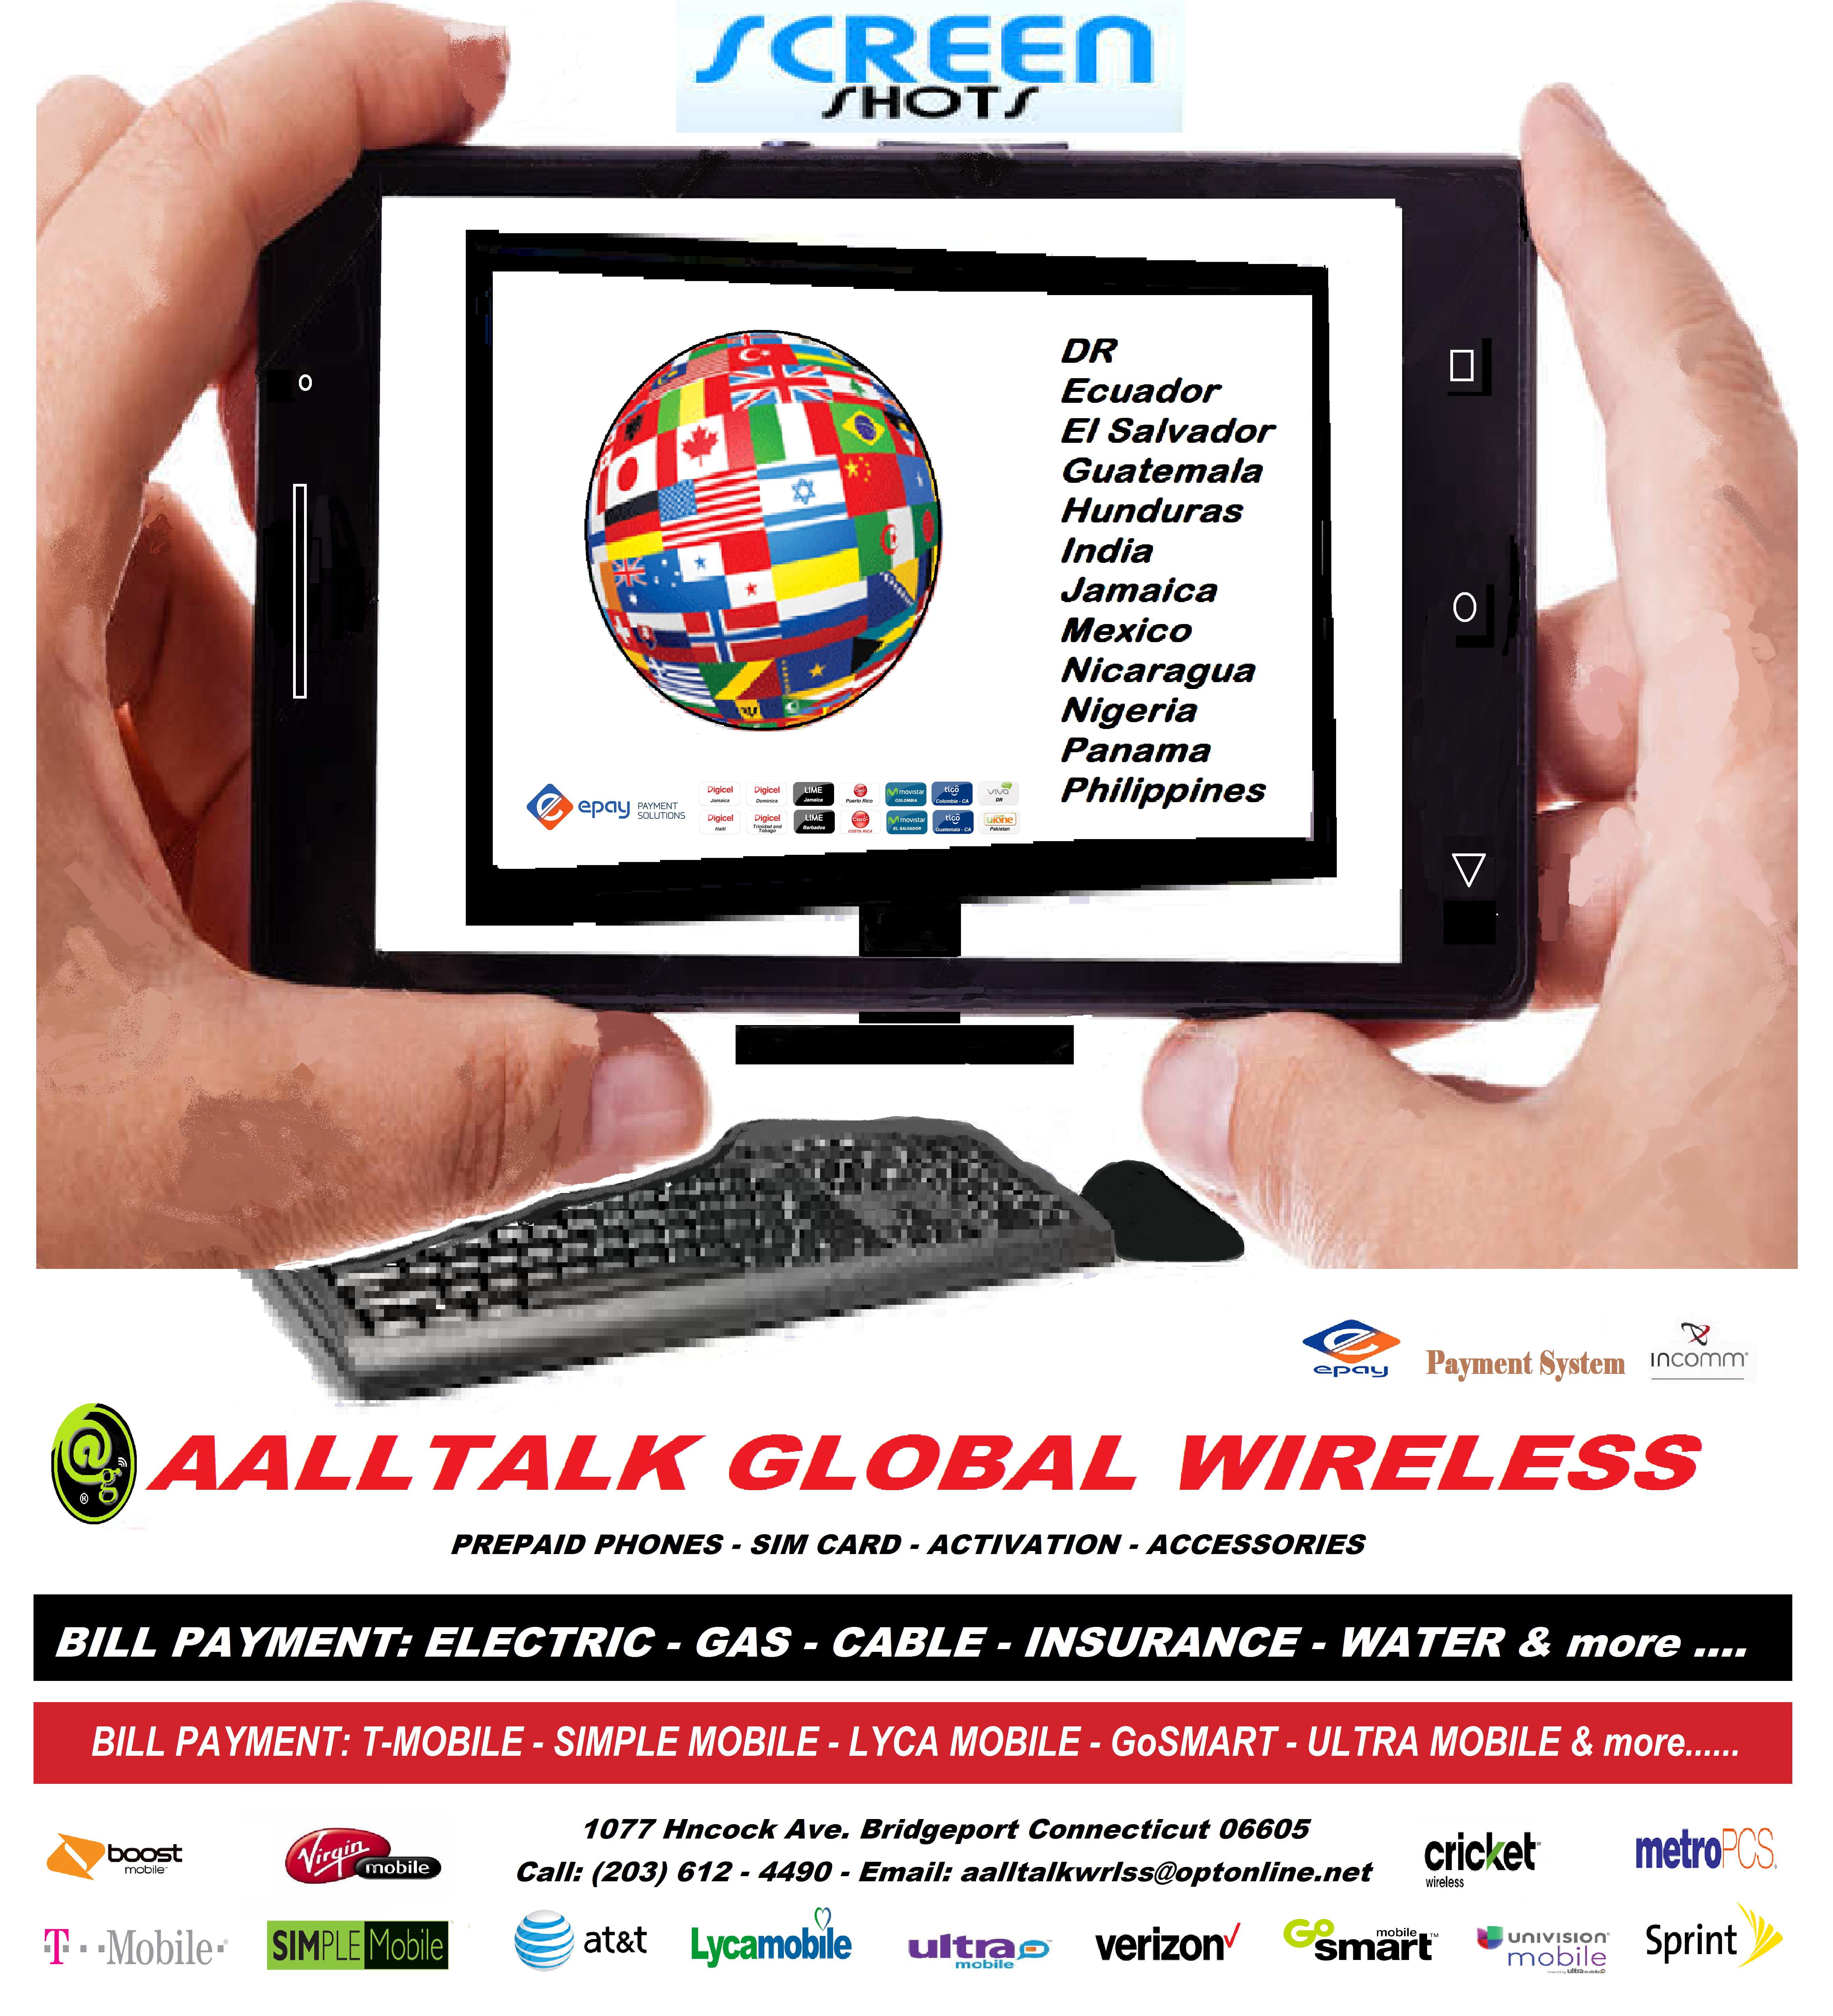 aalltalk global wireless 1077 Hancock Ave, Bridgeport, CT